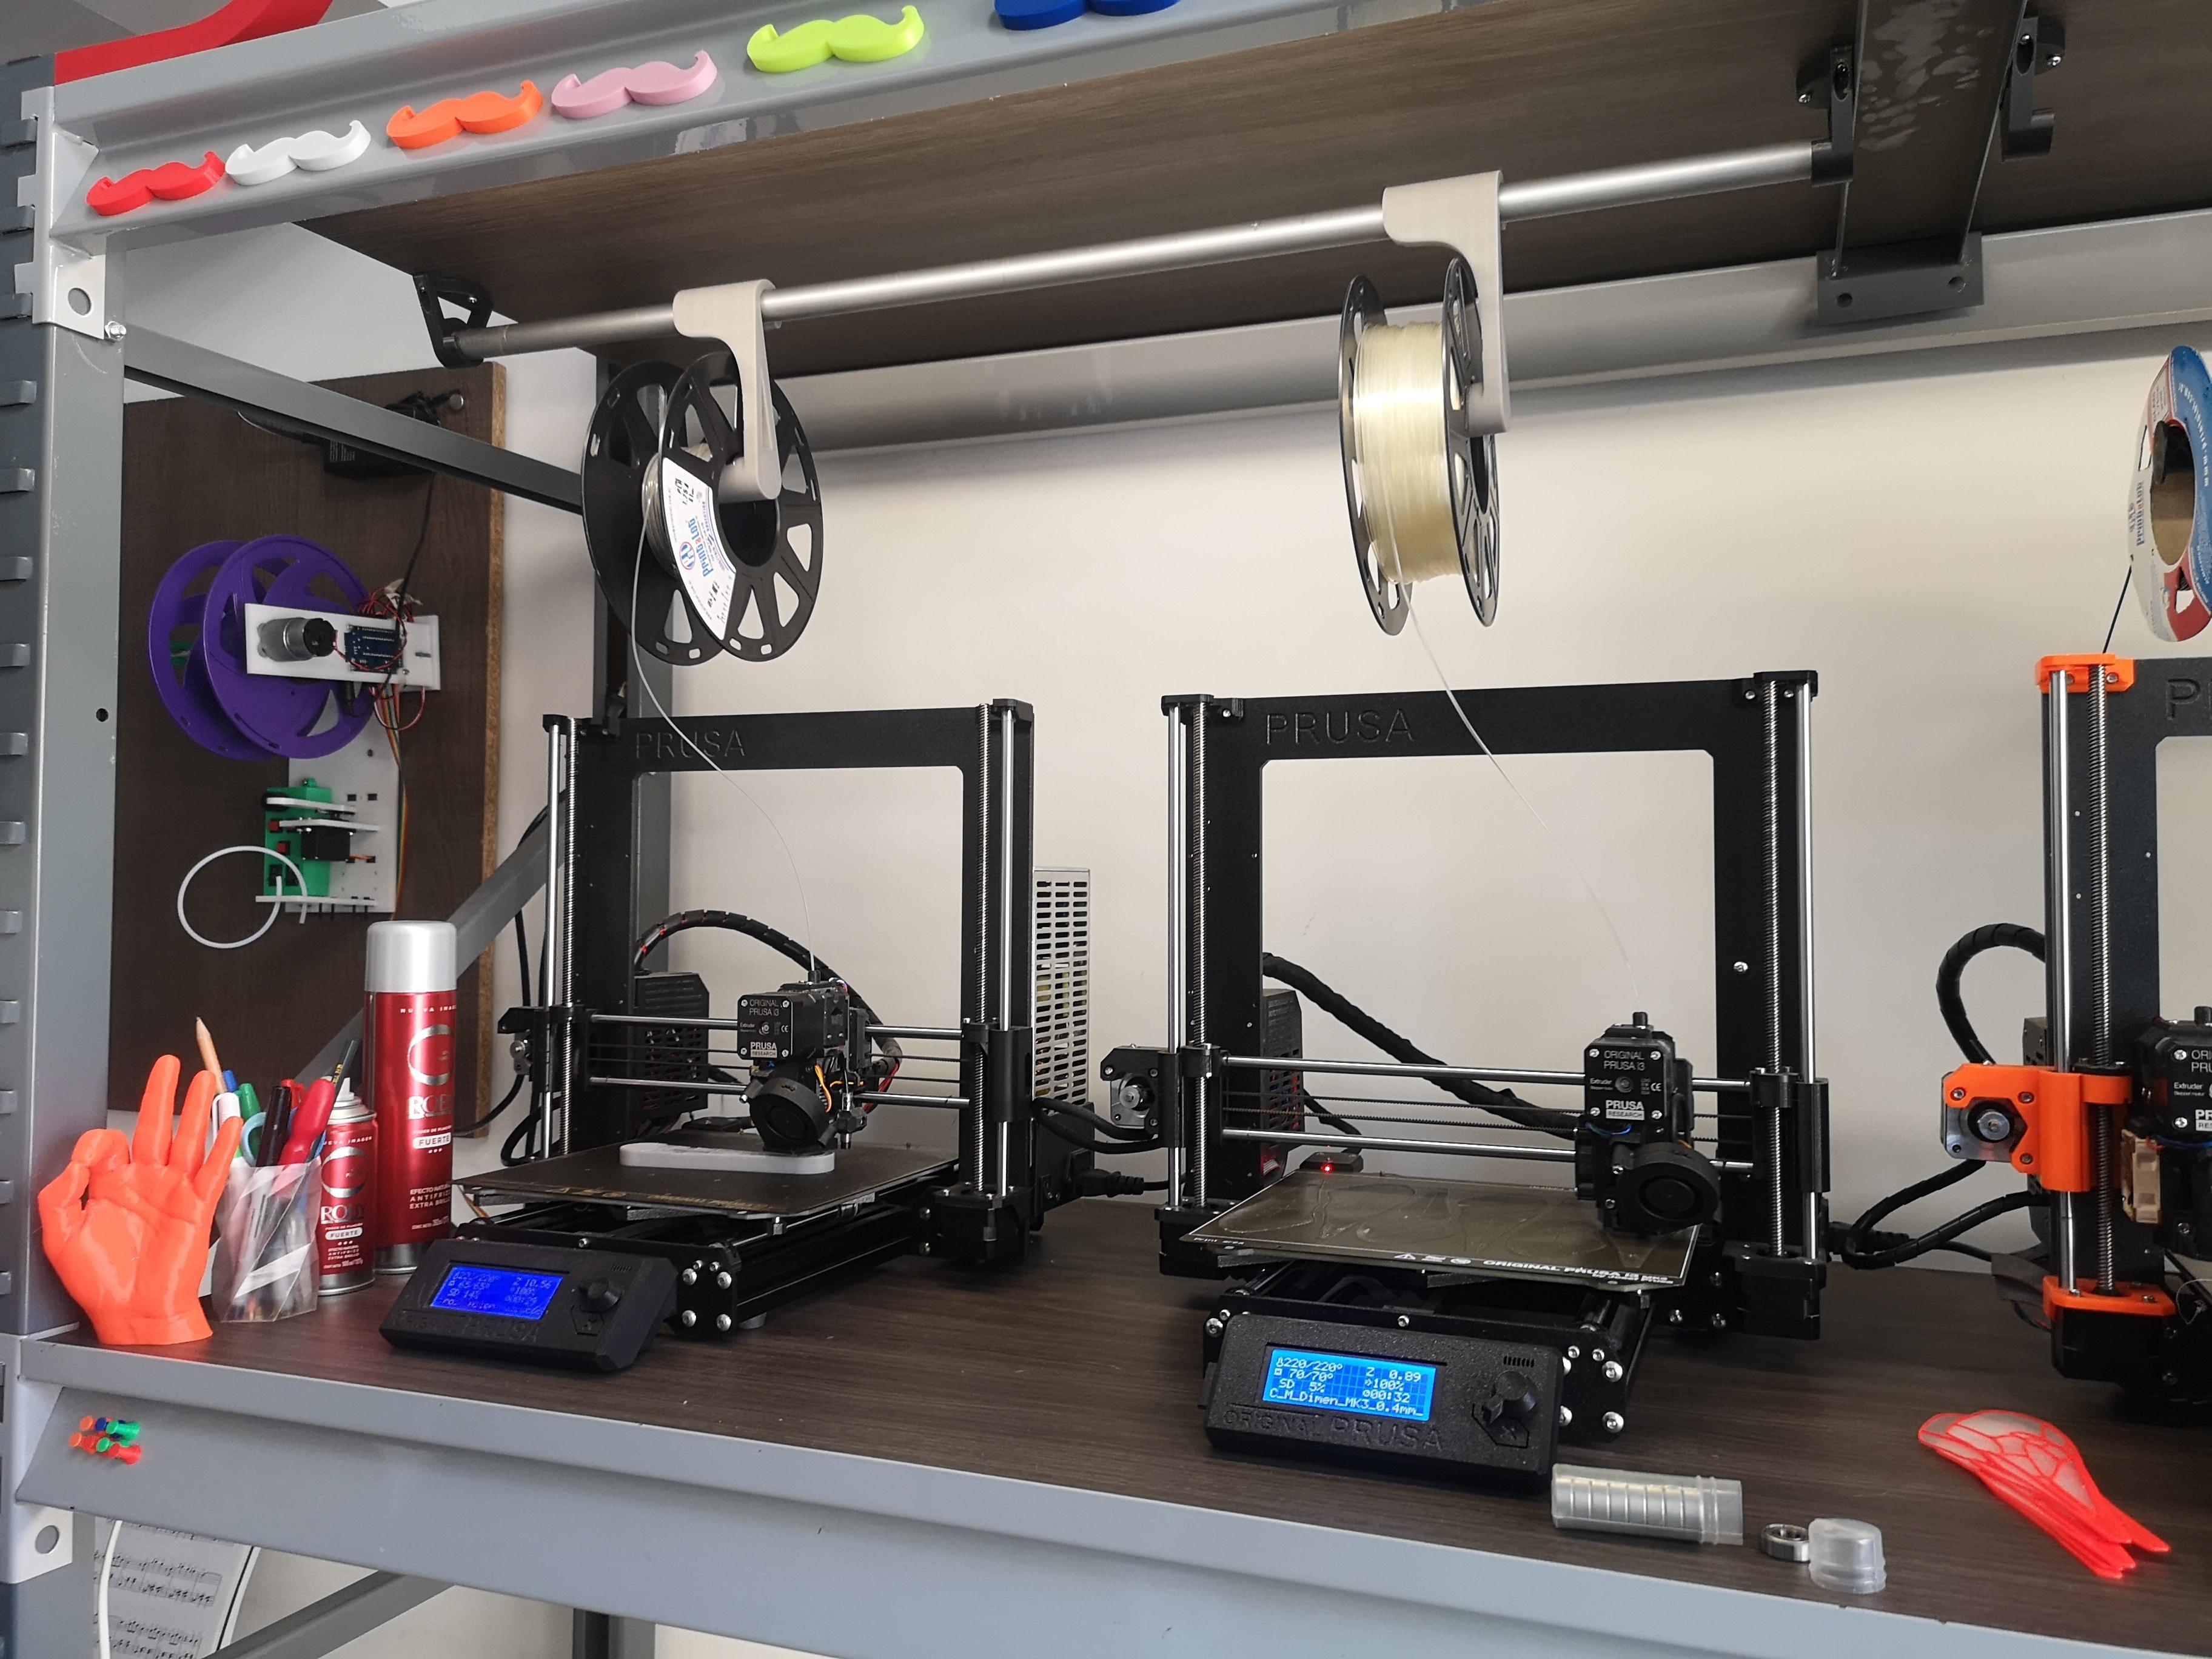 IMG_20200524_124953.jpg Download free STL file Spool Holder Mount • 3D printer design, DimensionArg